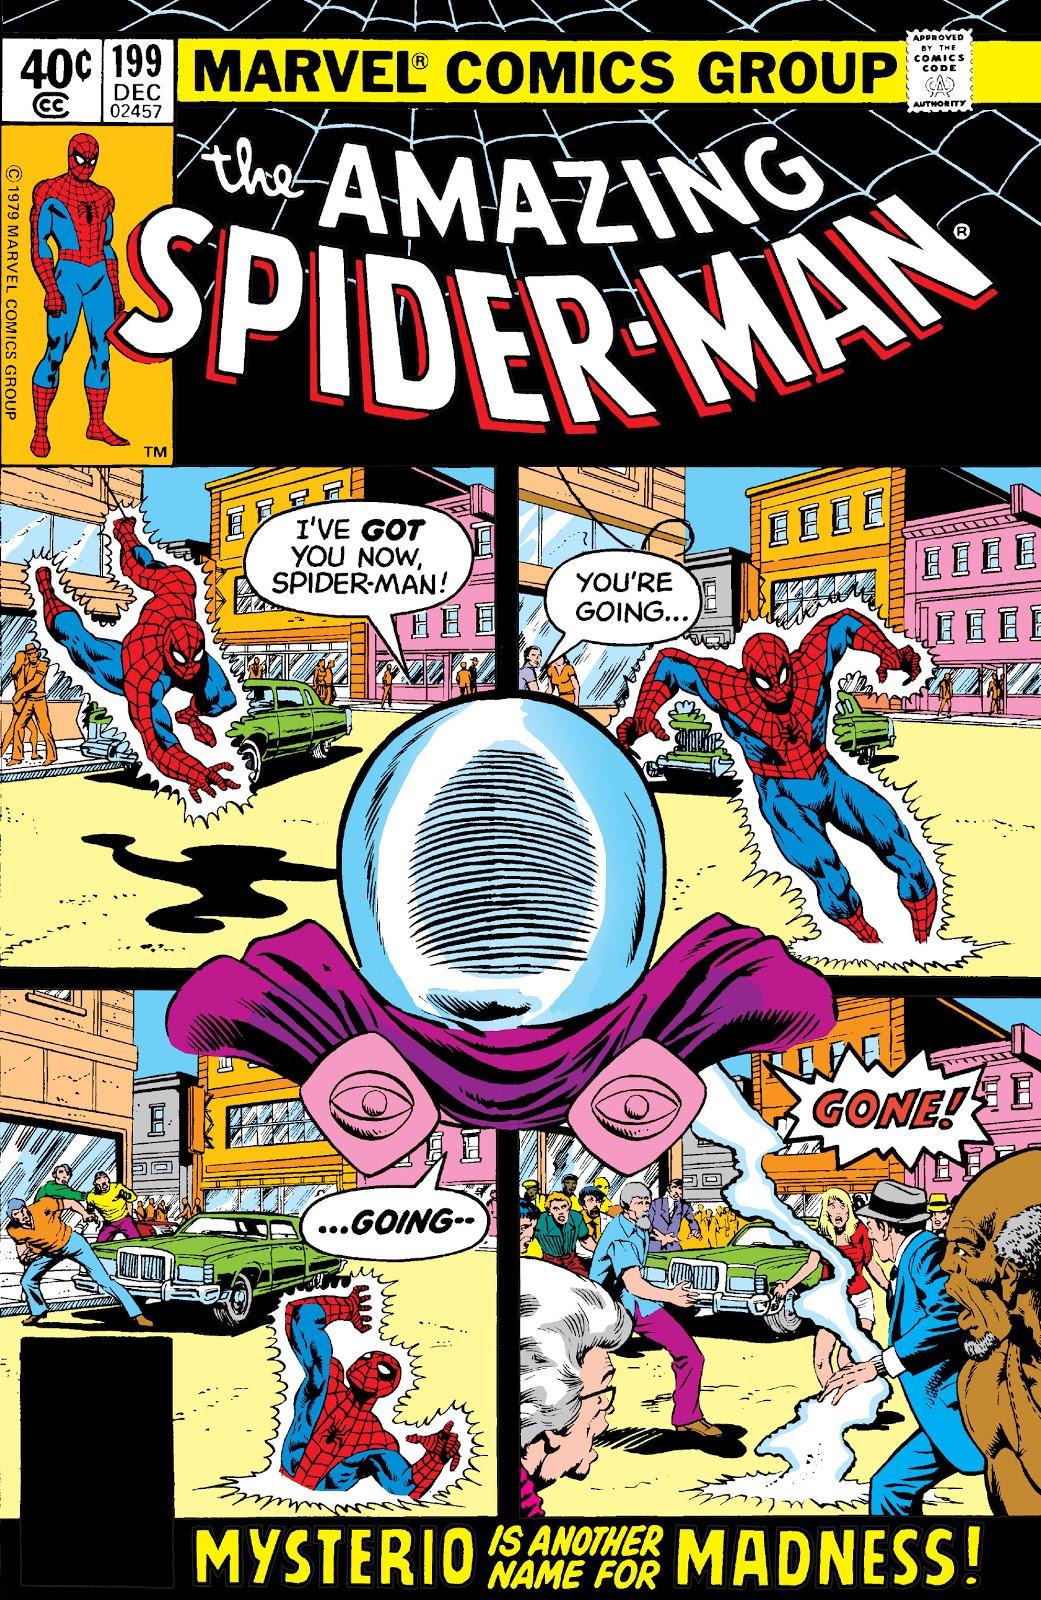 Amazing Spider-Man Vol 1 199